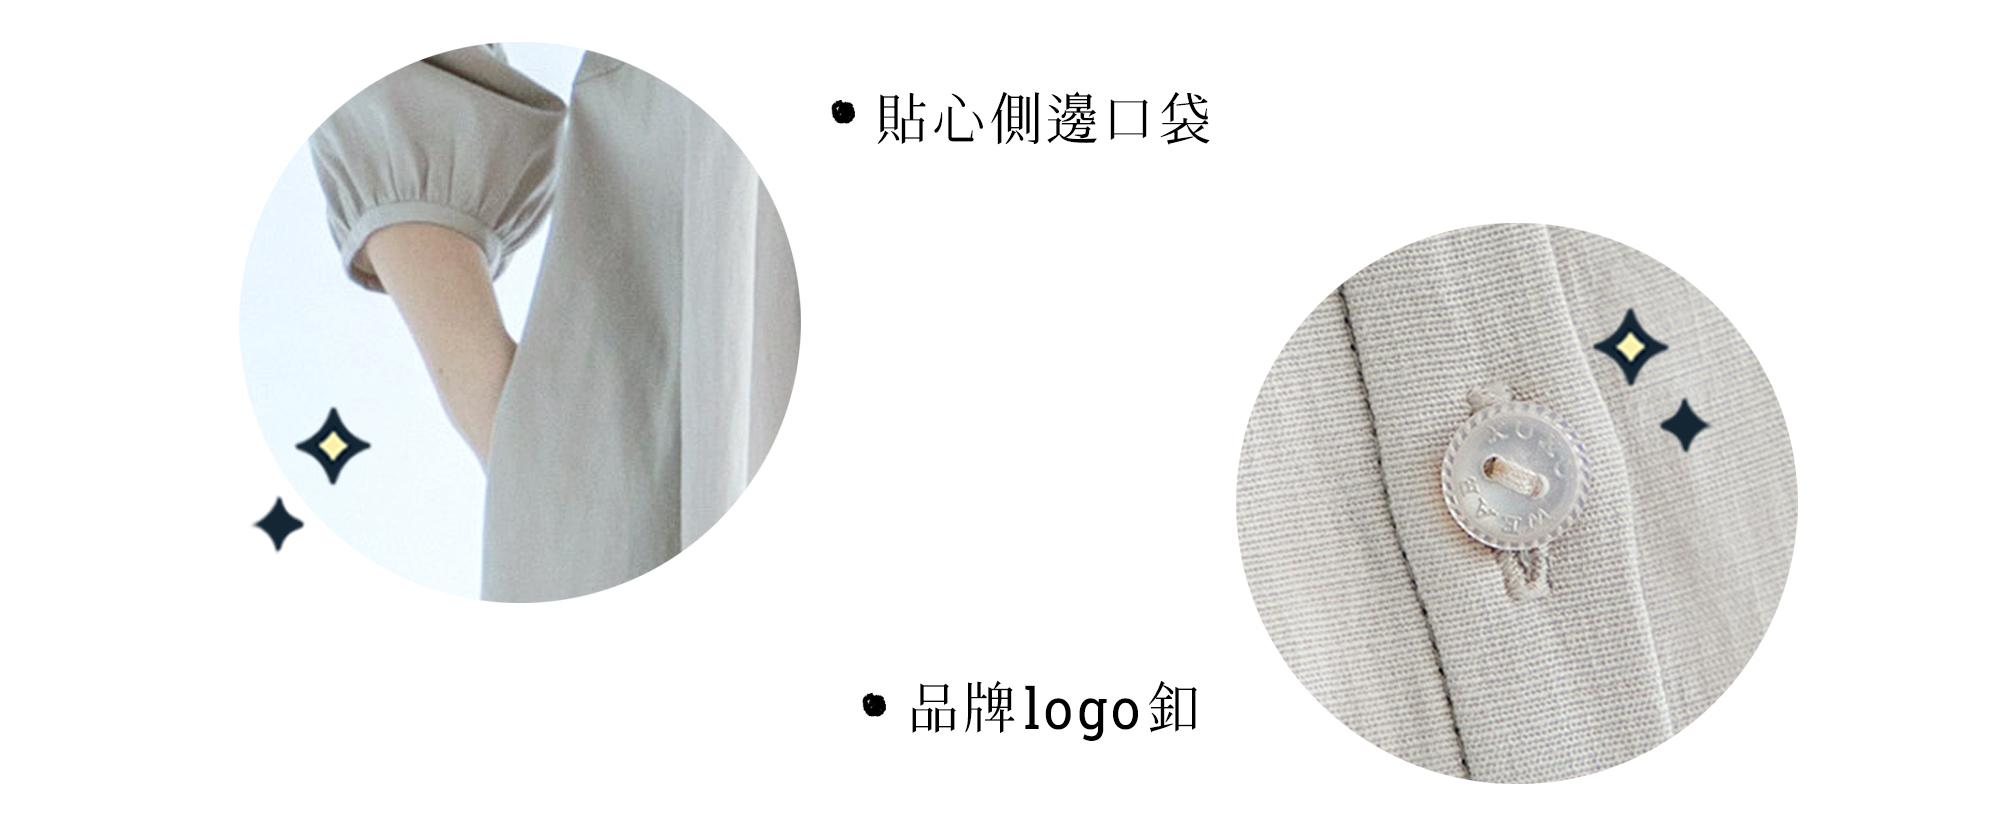 使用品牌LOGO鈕釦,精緻細節呈現